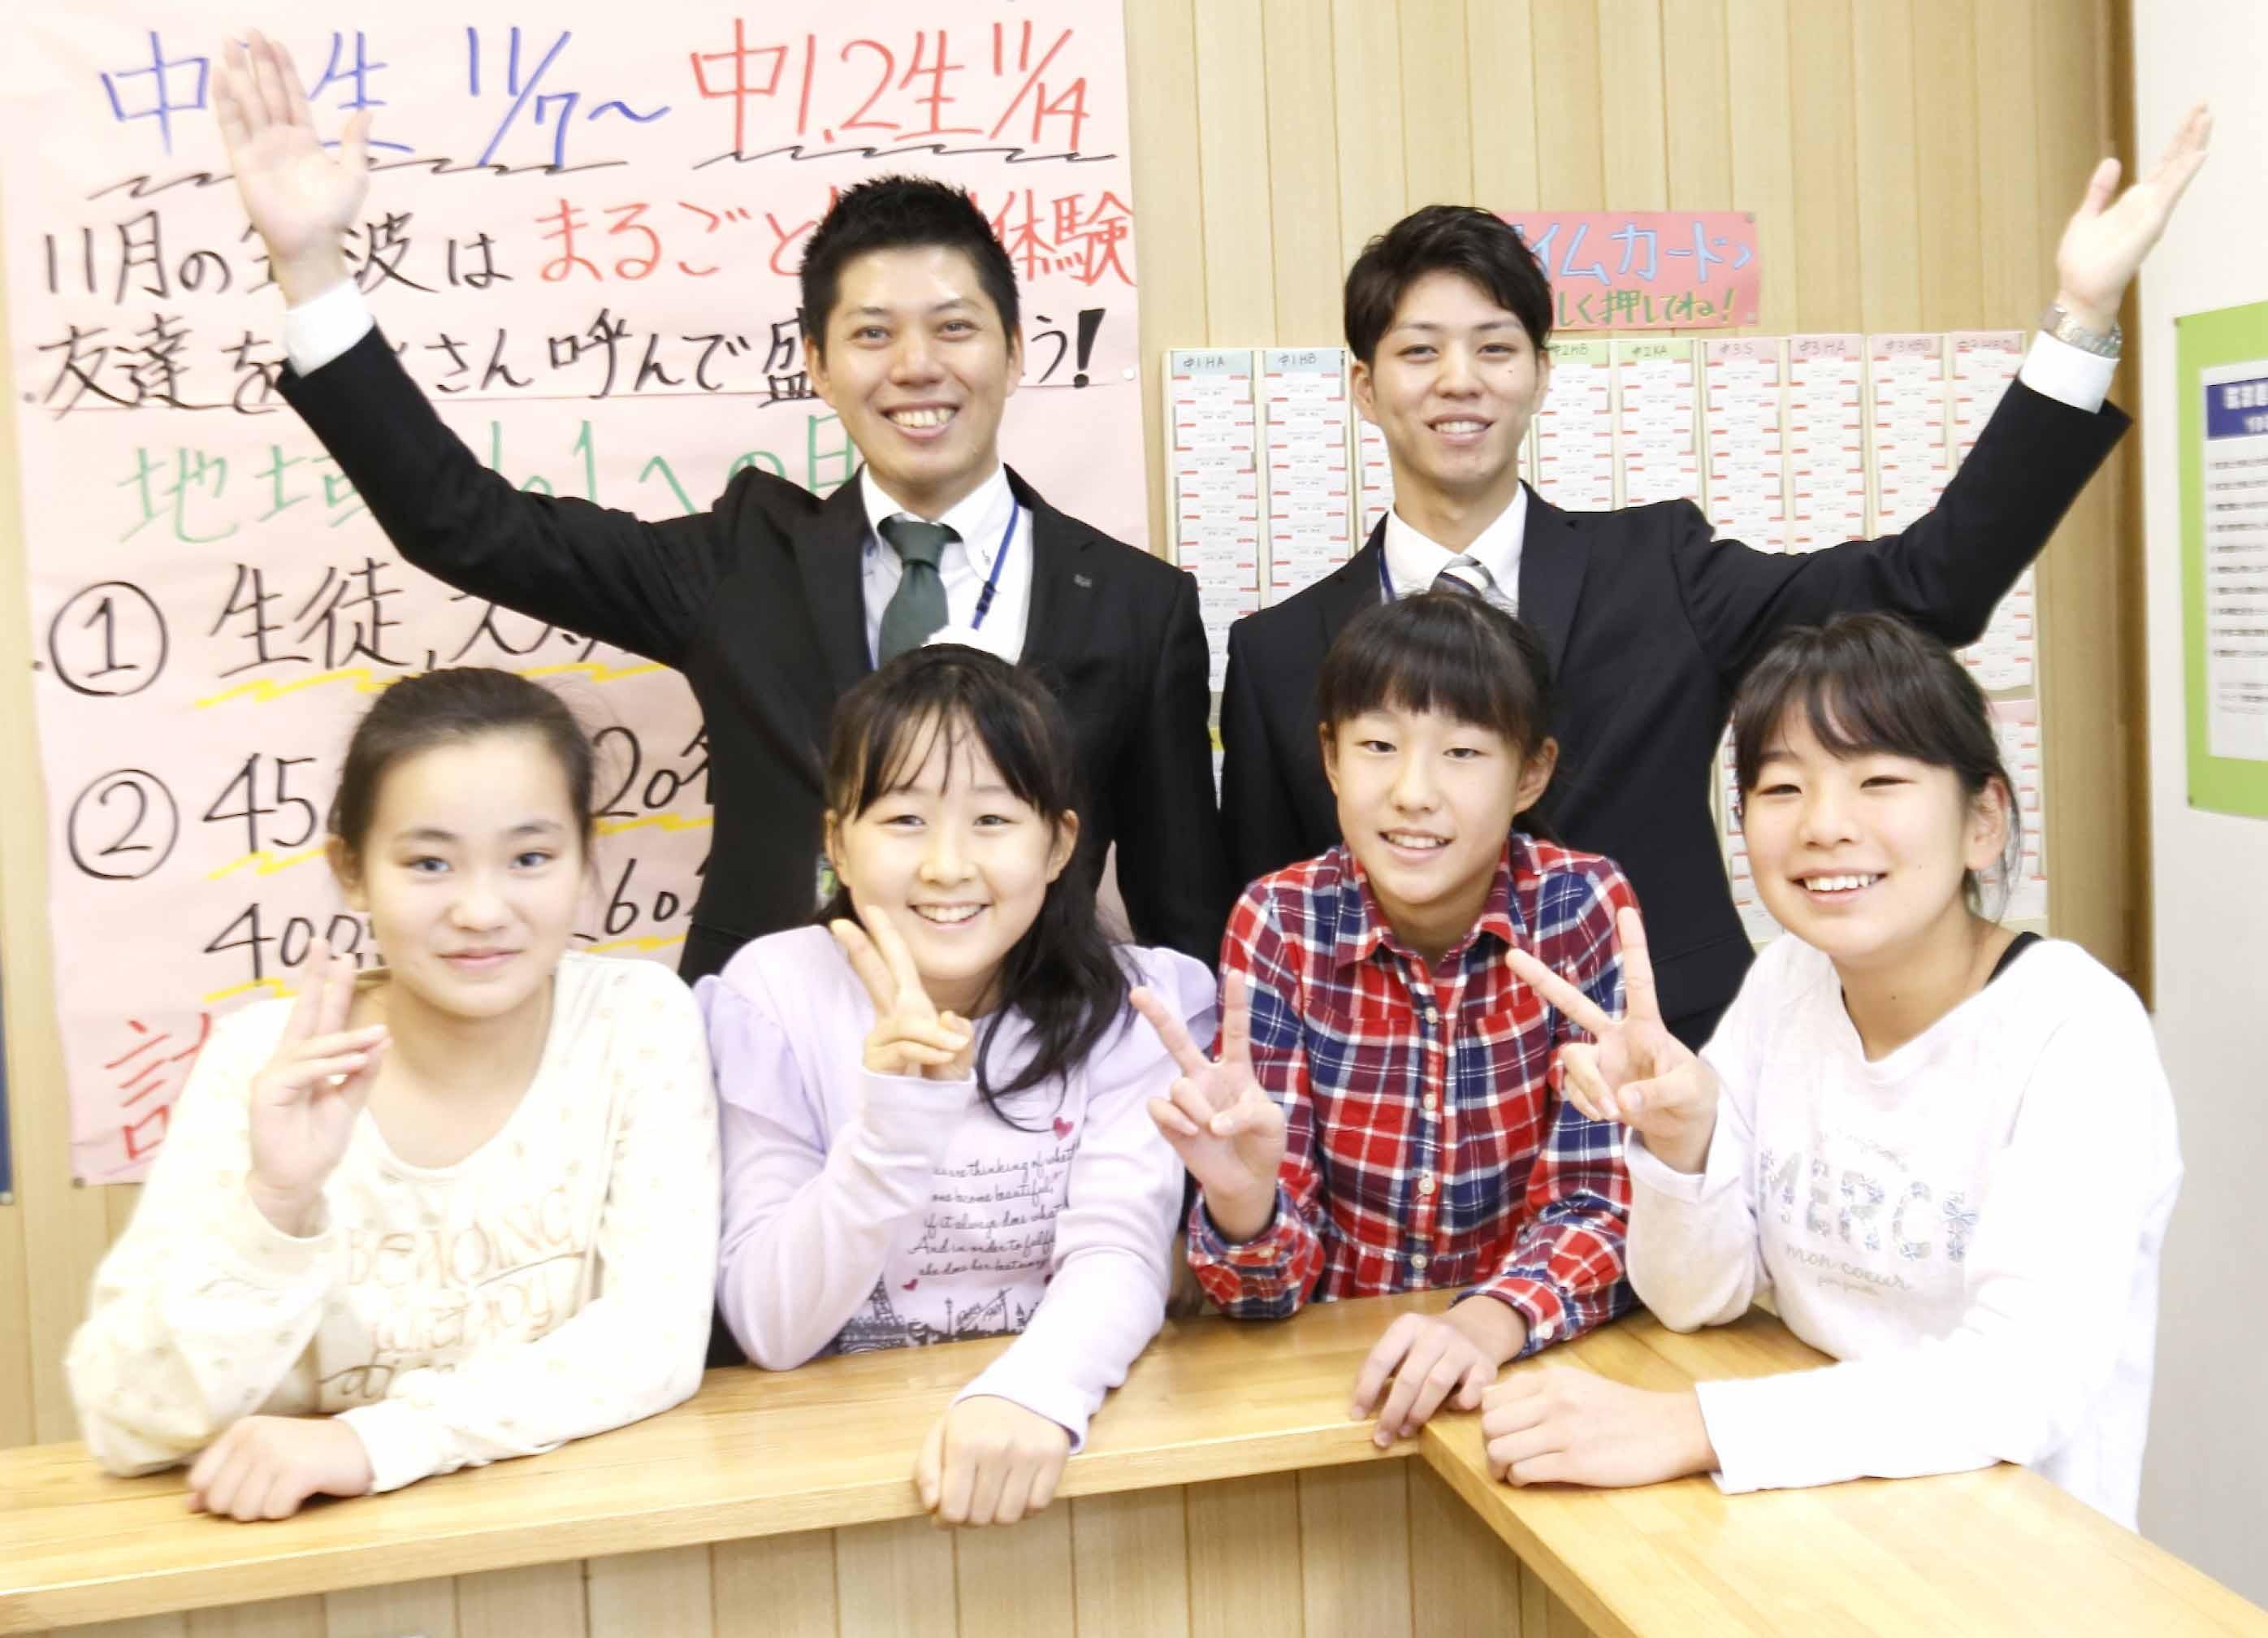 筑波進研スクール 大久保教室のアルバイト情報